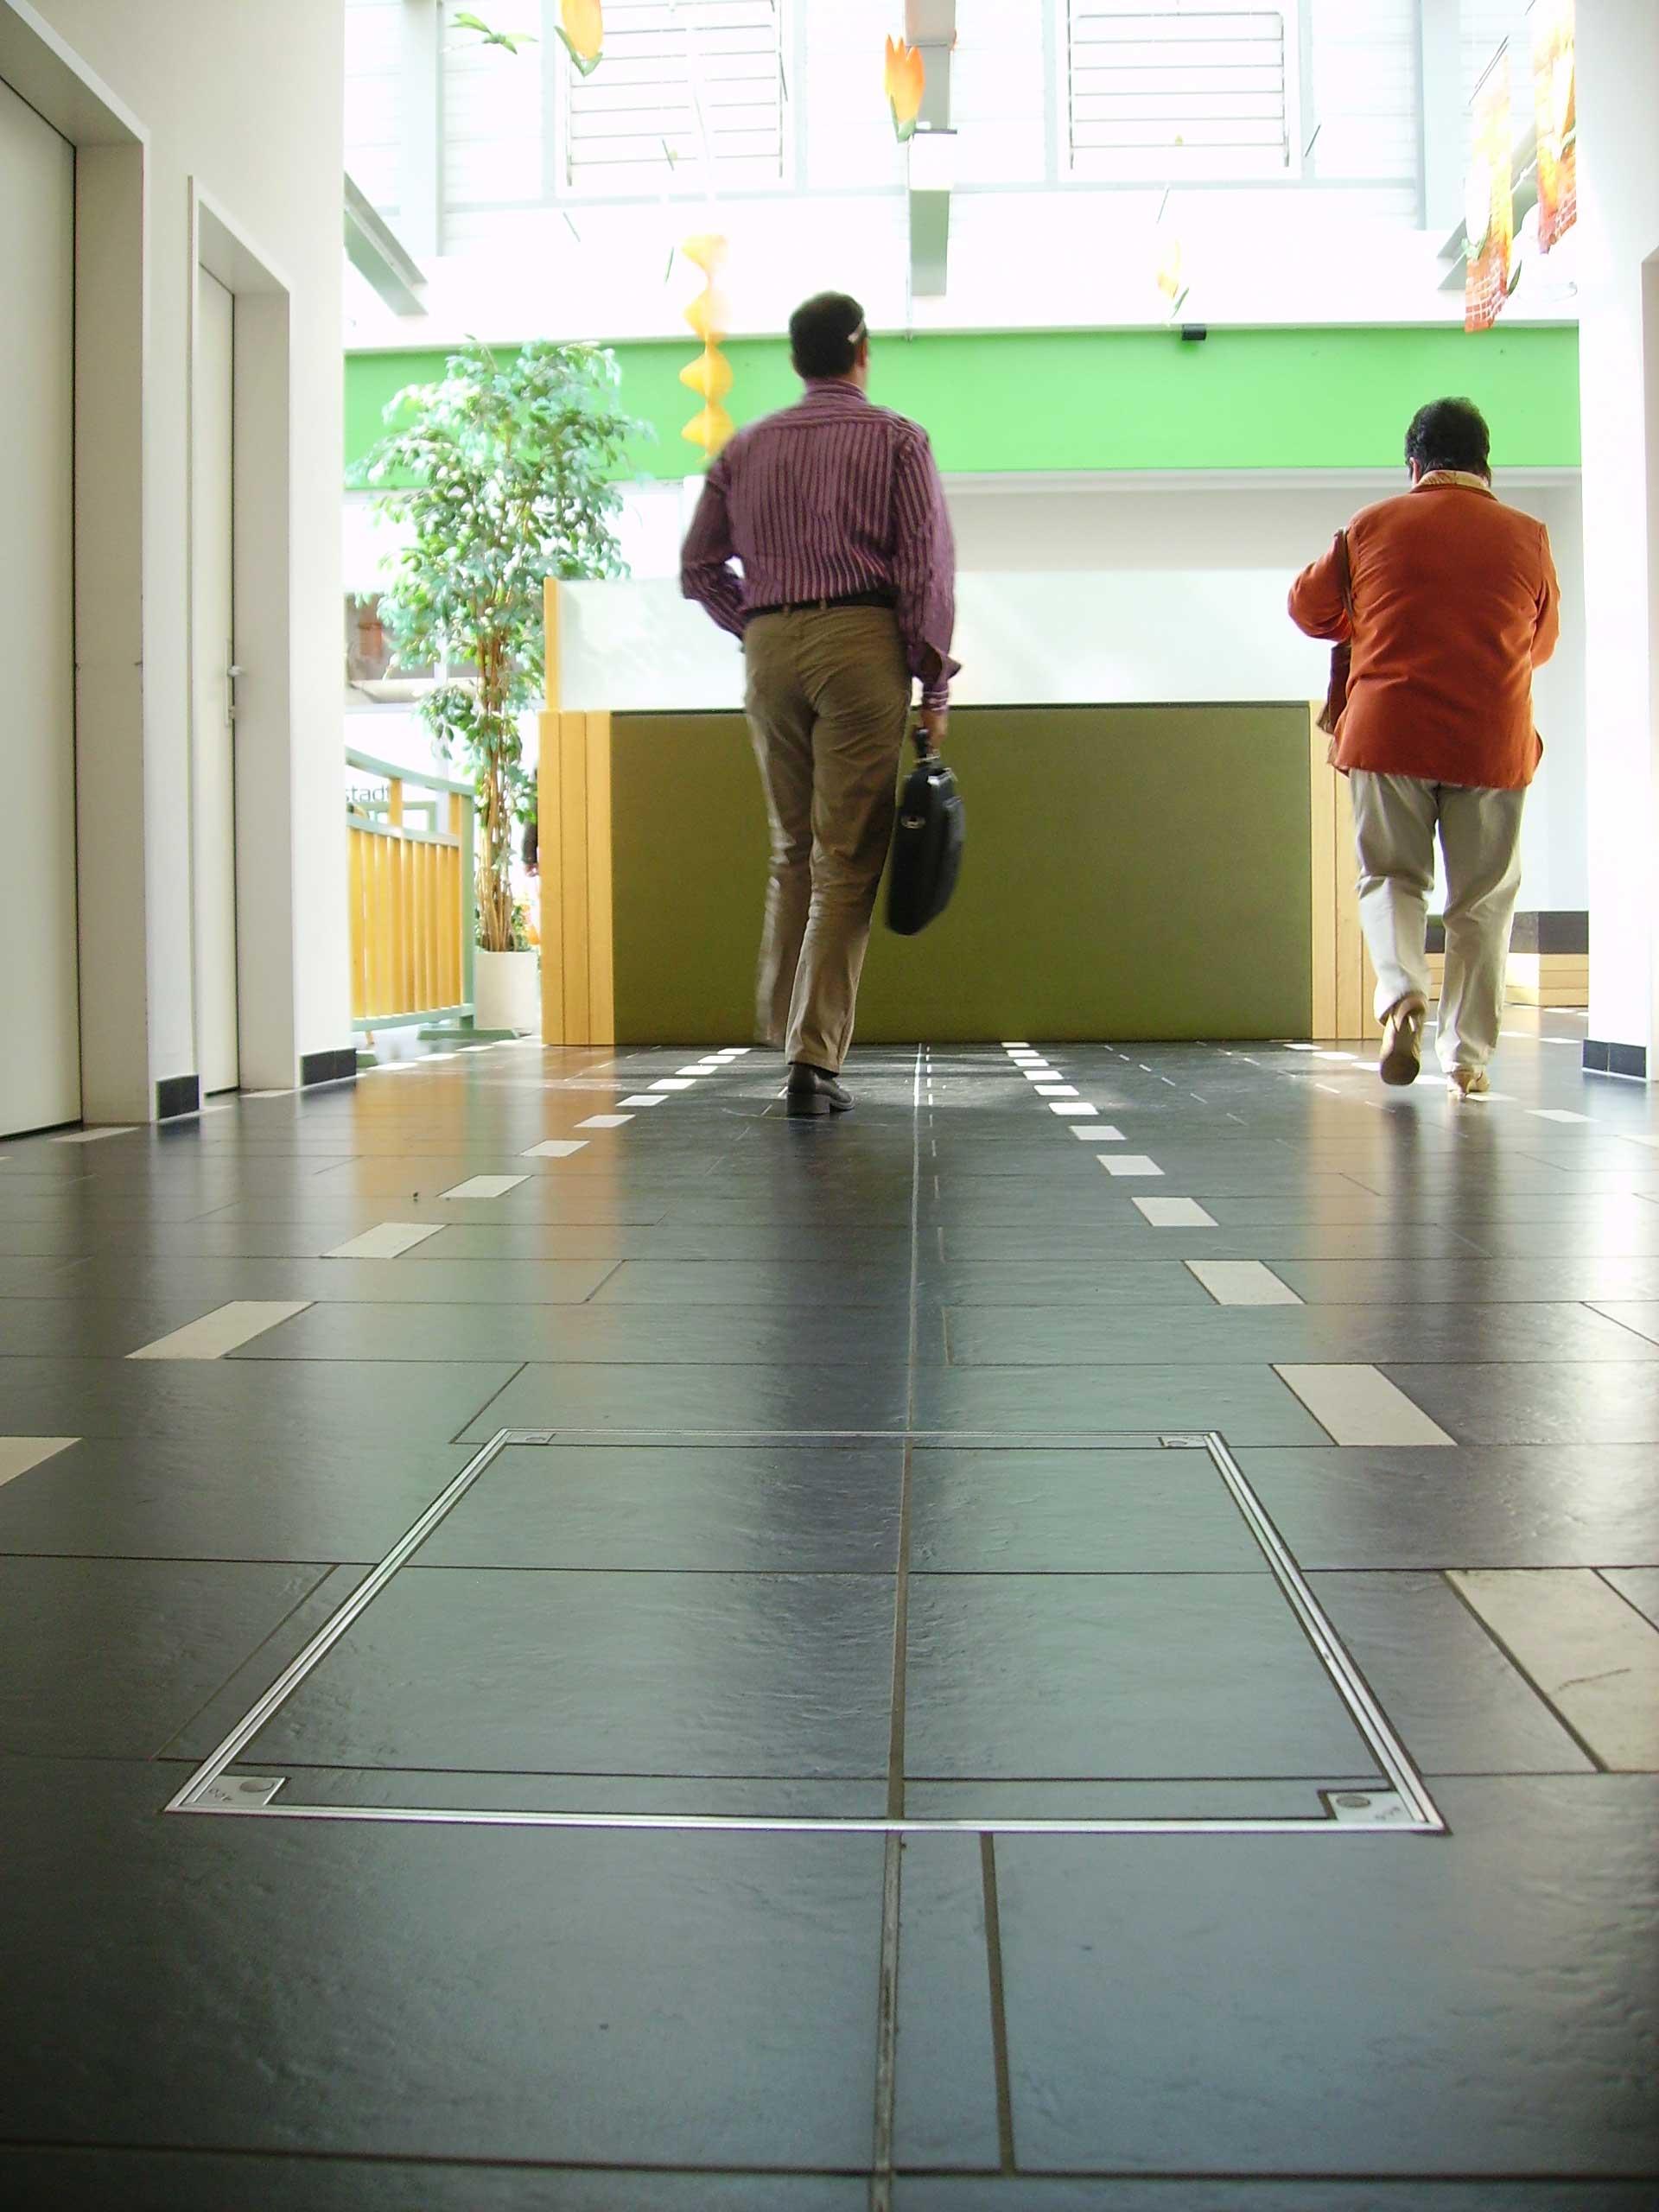 Floor Door-Tiled-Floor-Shopping-Centre